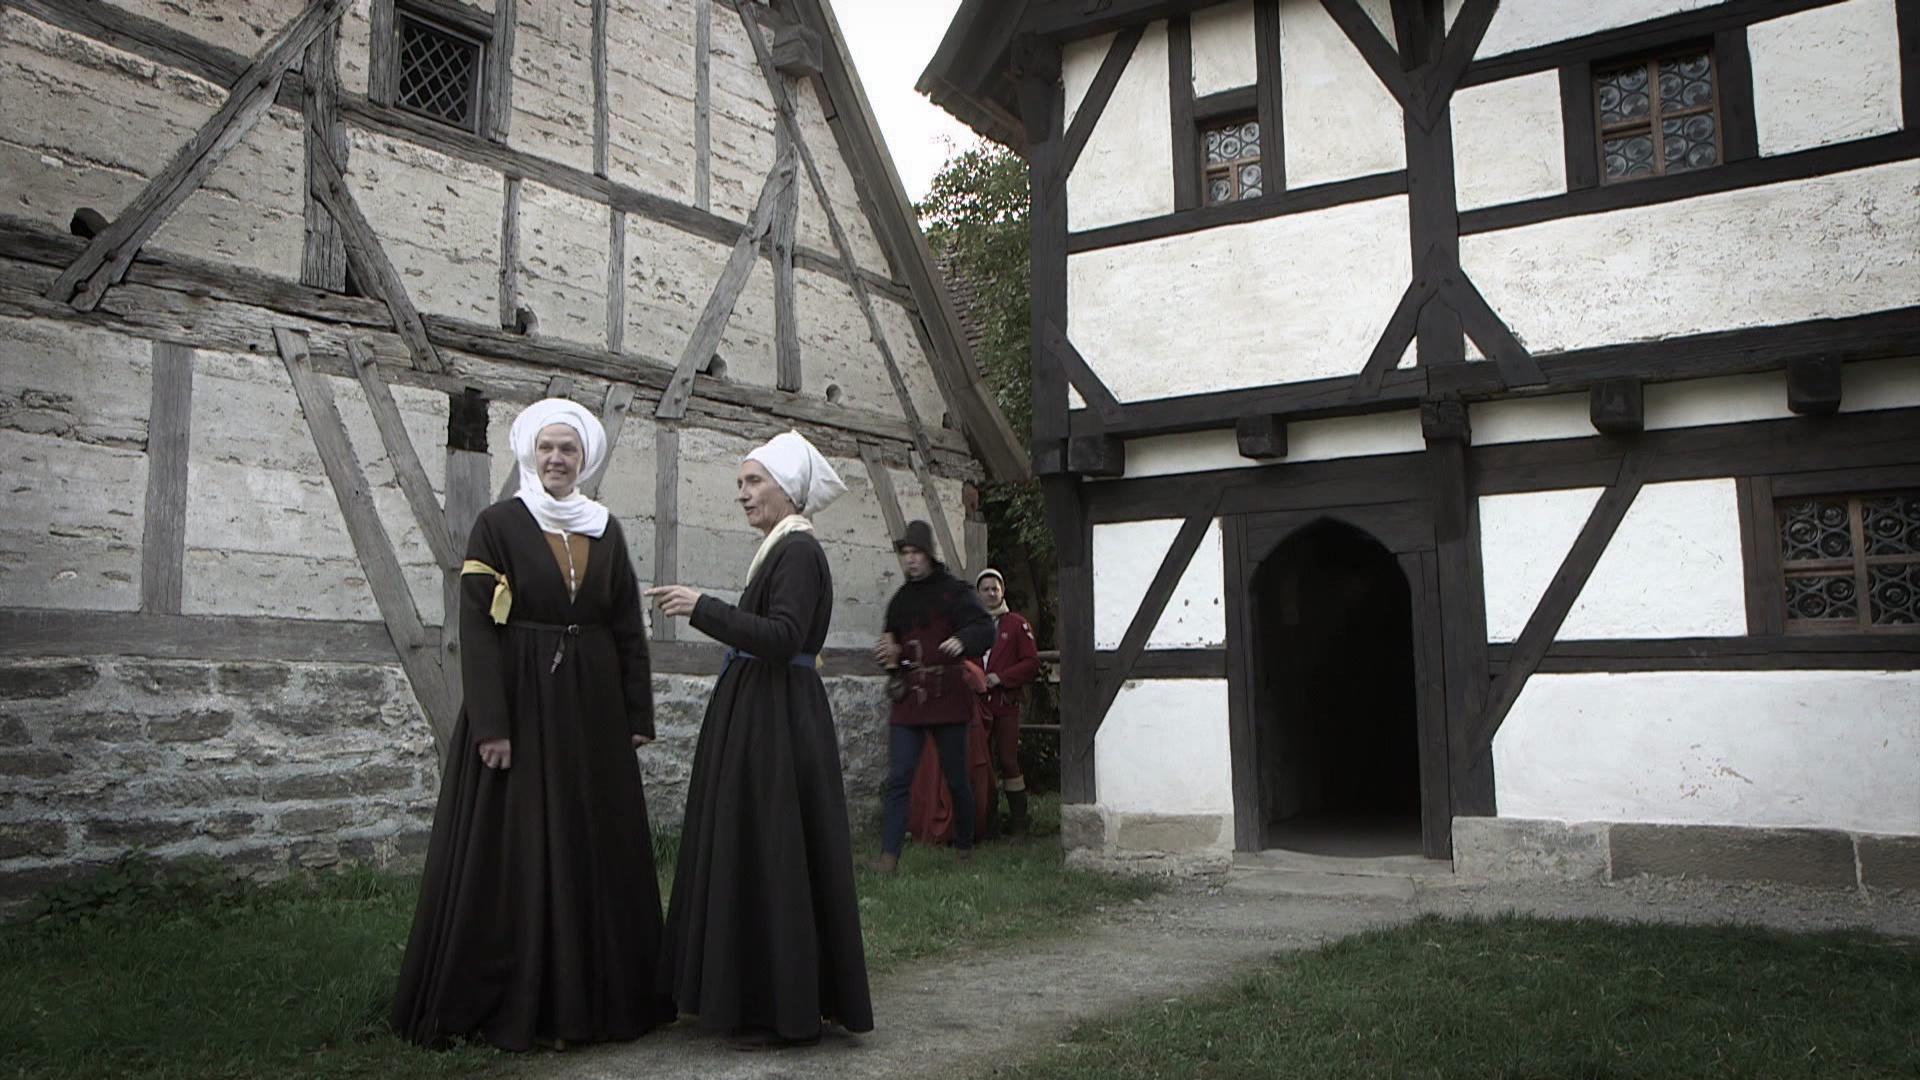 sendung: was trugen frauen im mittelalter? – planet schule